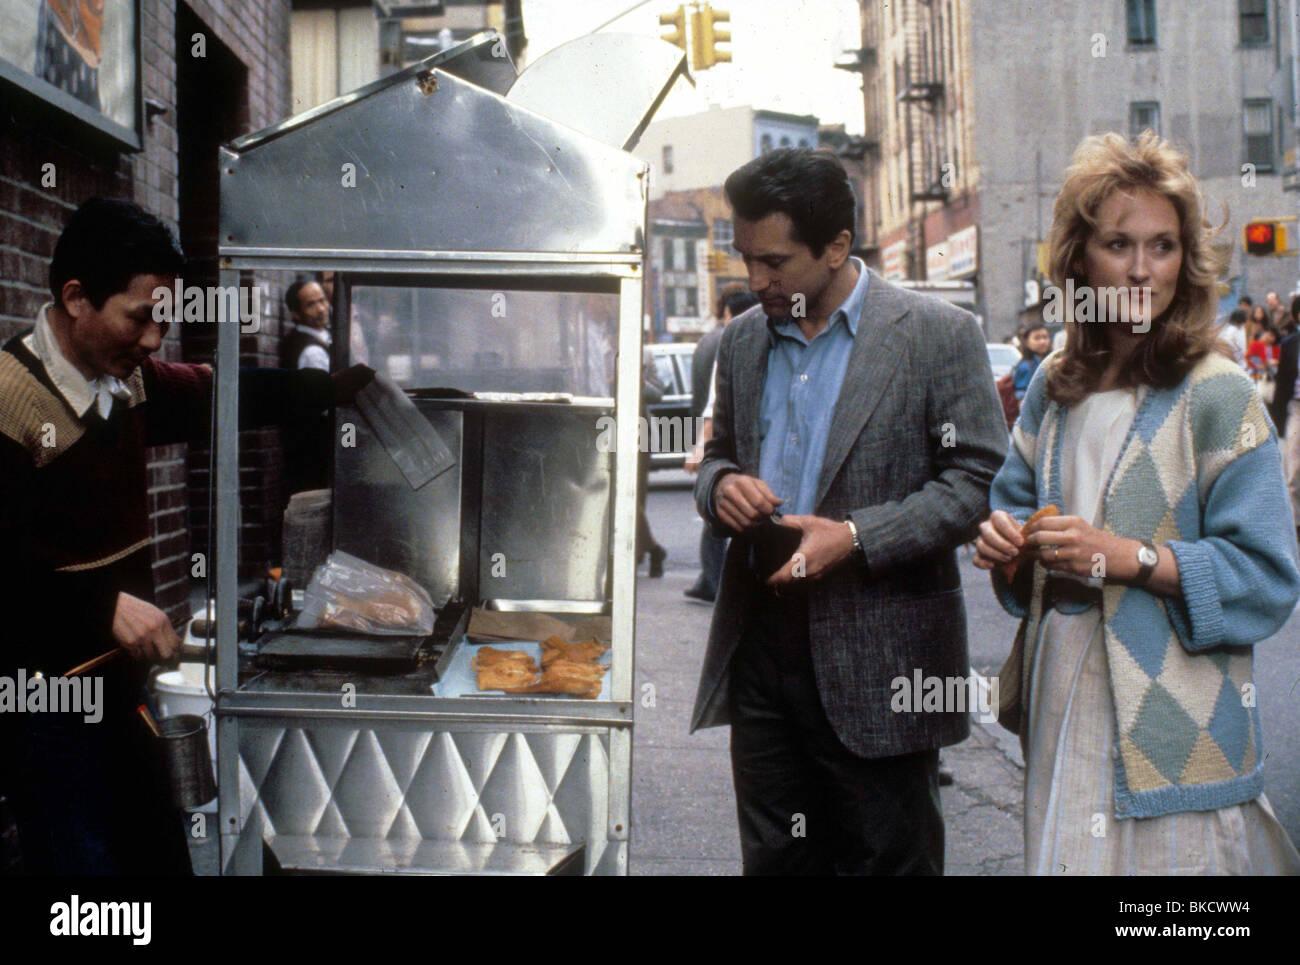 FALLING IN LOVE (1984) ROBERT DE NIRO, MERYL STREEP FIL 011 - Stock Image